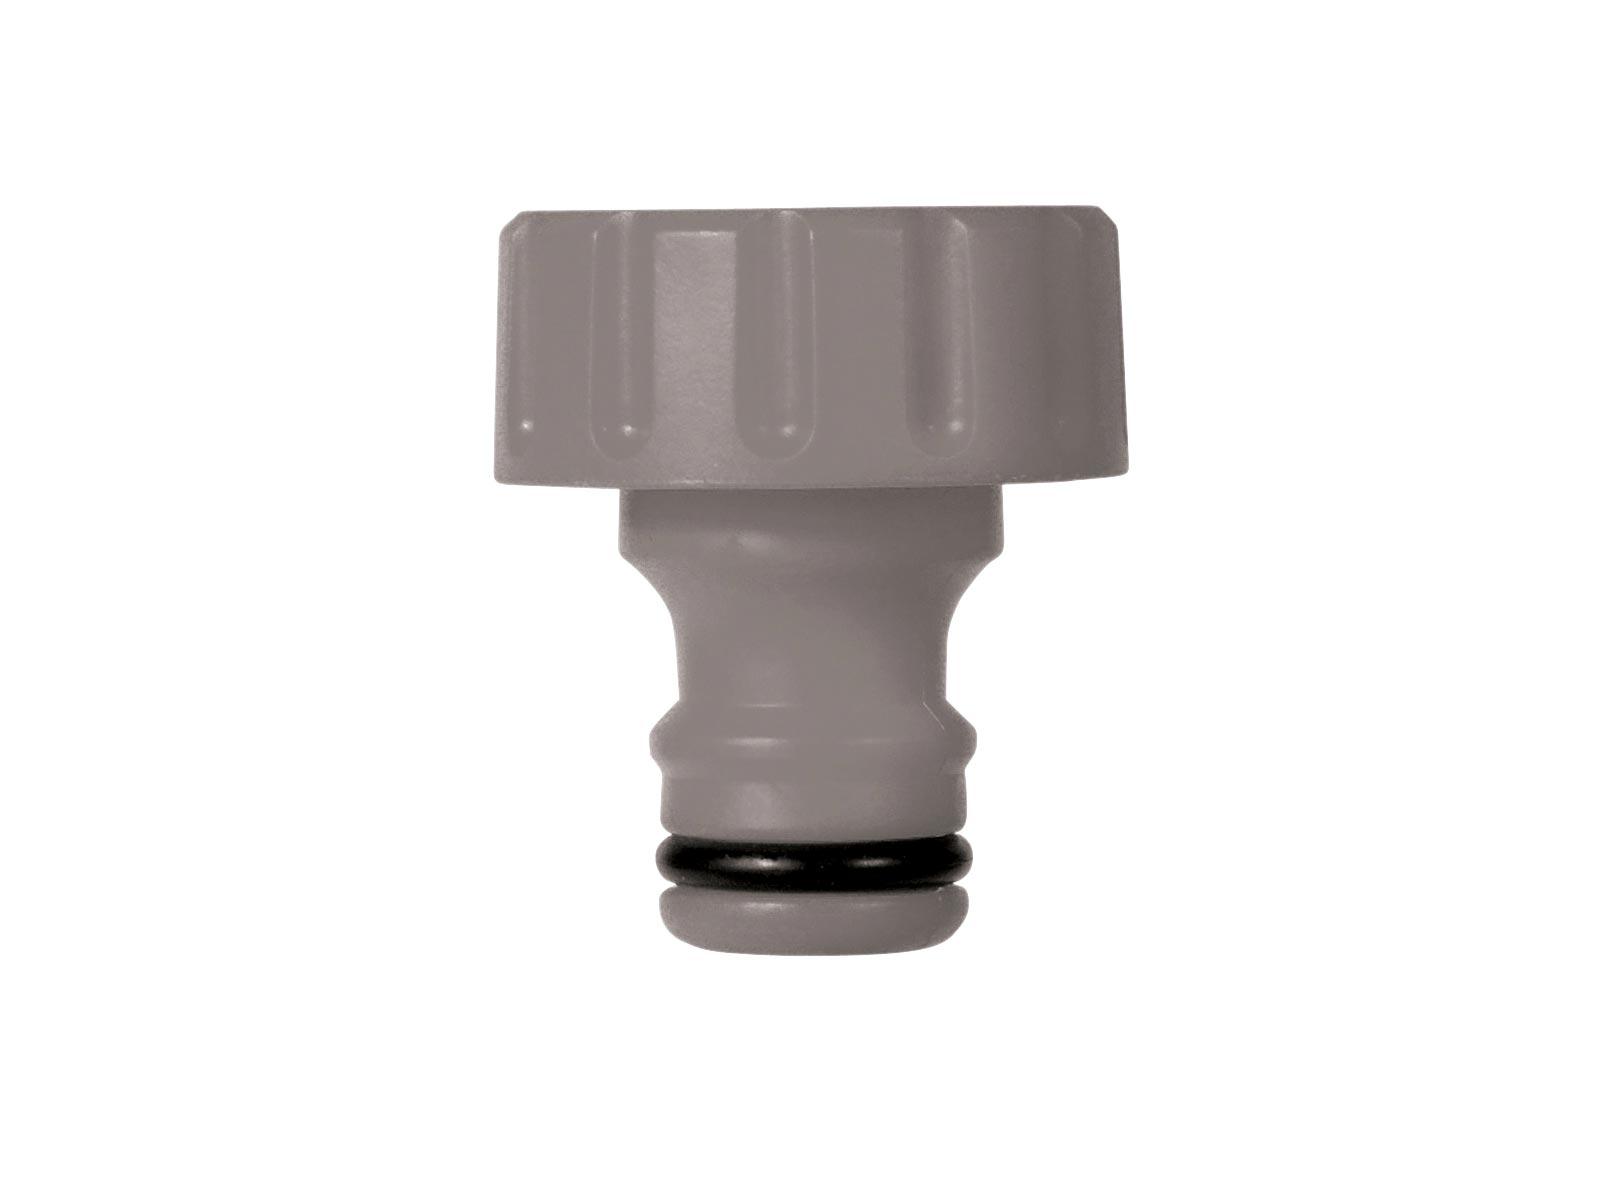 Фитинг Hozelock 2169 коннектор-адаптер для катушки, 1, серый2169P3600Коннектор-адаптер HoZelock 2169 предназначен для подключения катушки к шлангу. Изготовлен из высококачественного пластика для максимальной прочности. Резьбовое соединение облегчает герметичную установку коннектора.